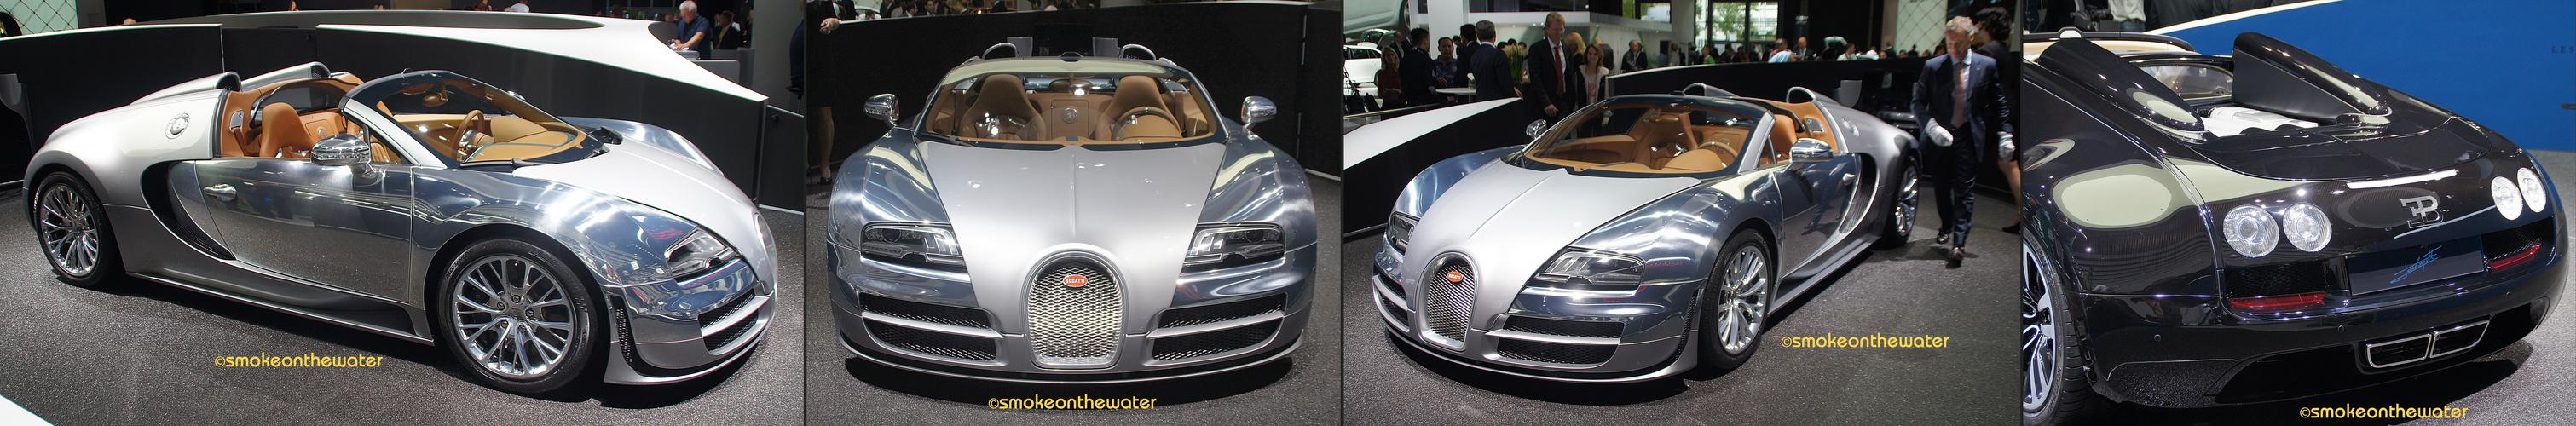 Zwei Weltpremieren beim Bugatti Veyron 16,4